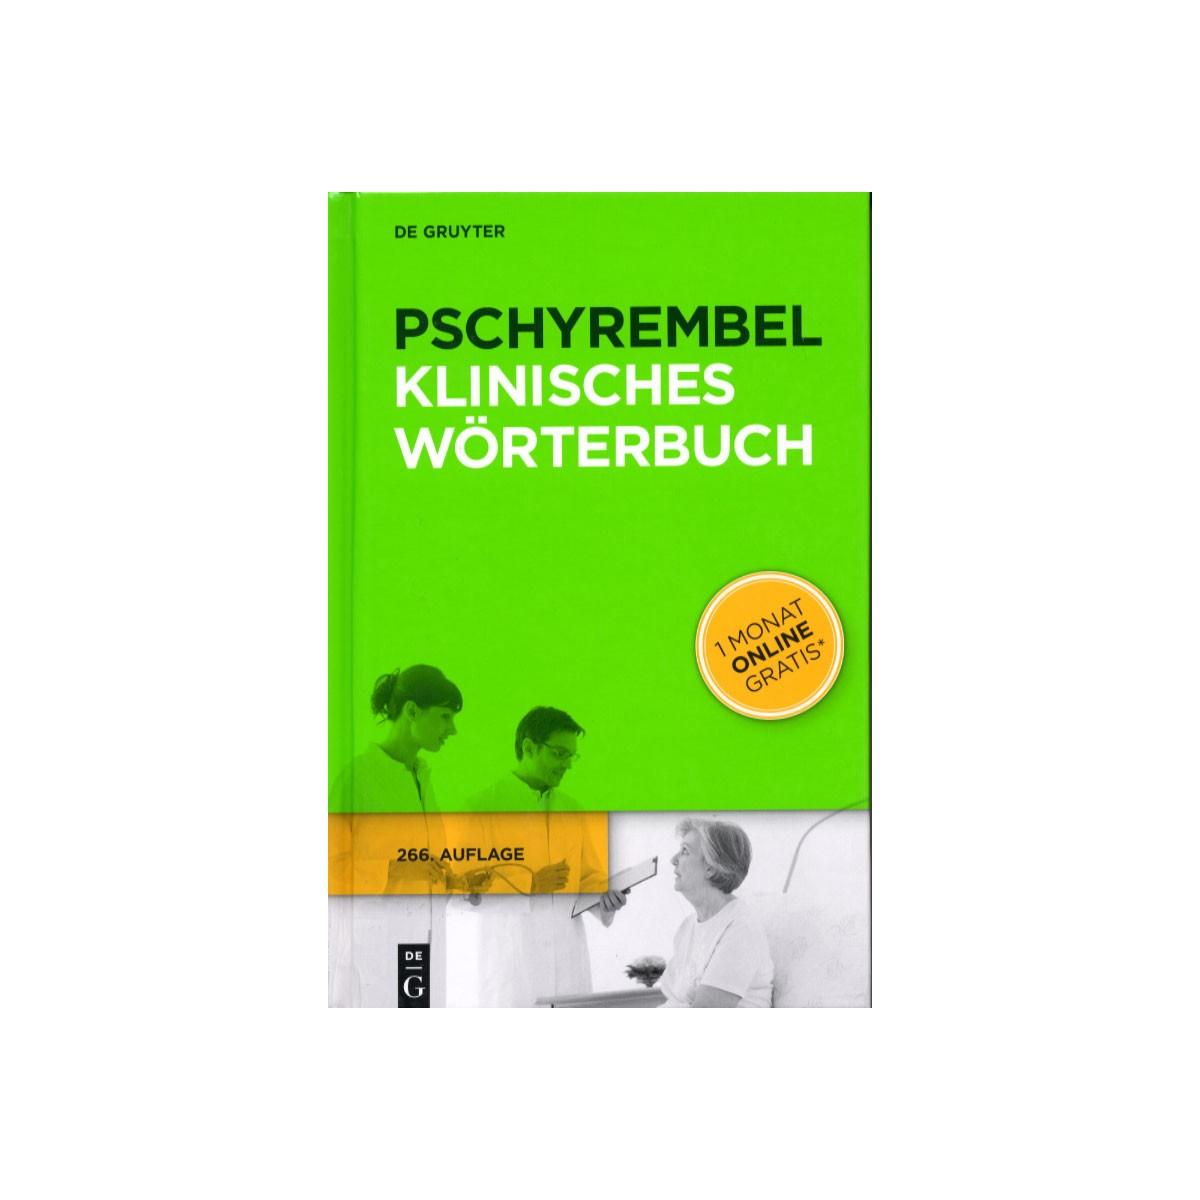 De Gruyter, Pschyrembel Klinisches Wörterbuch